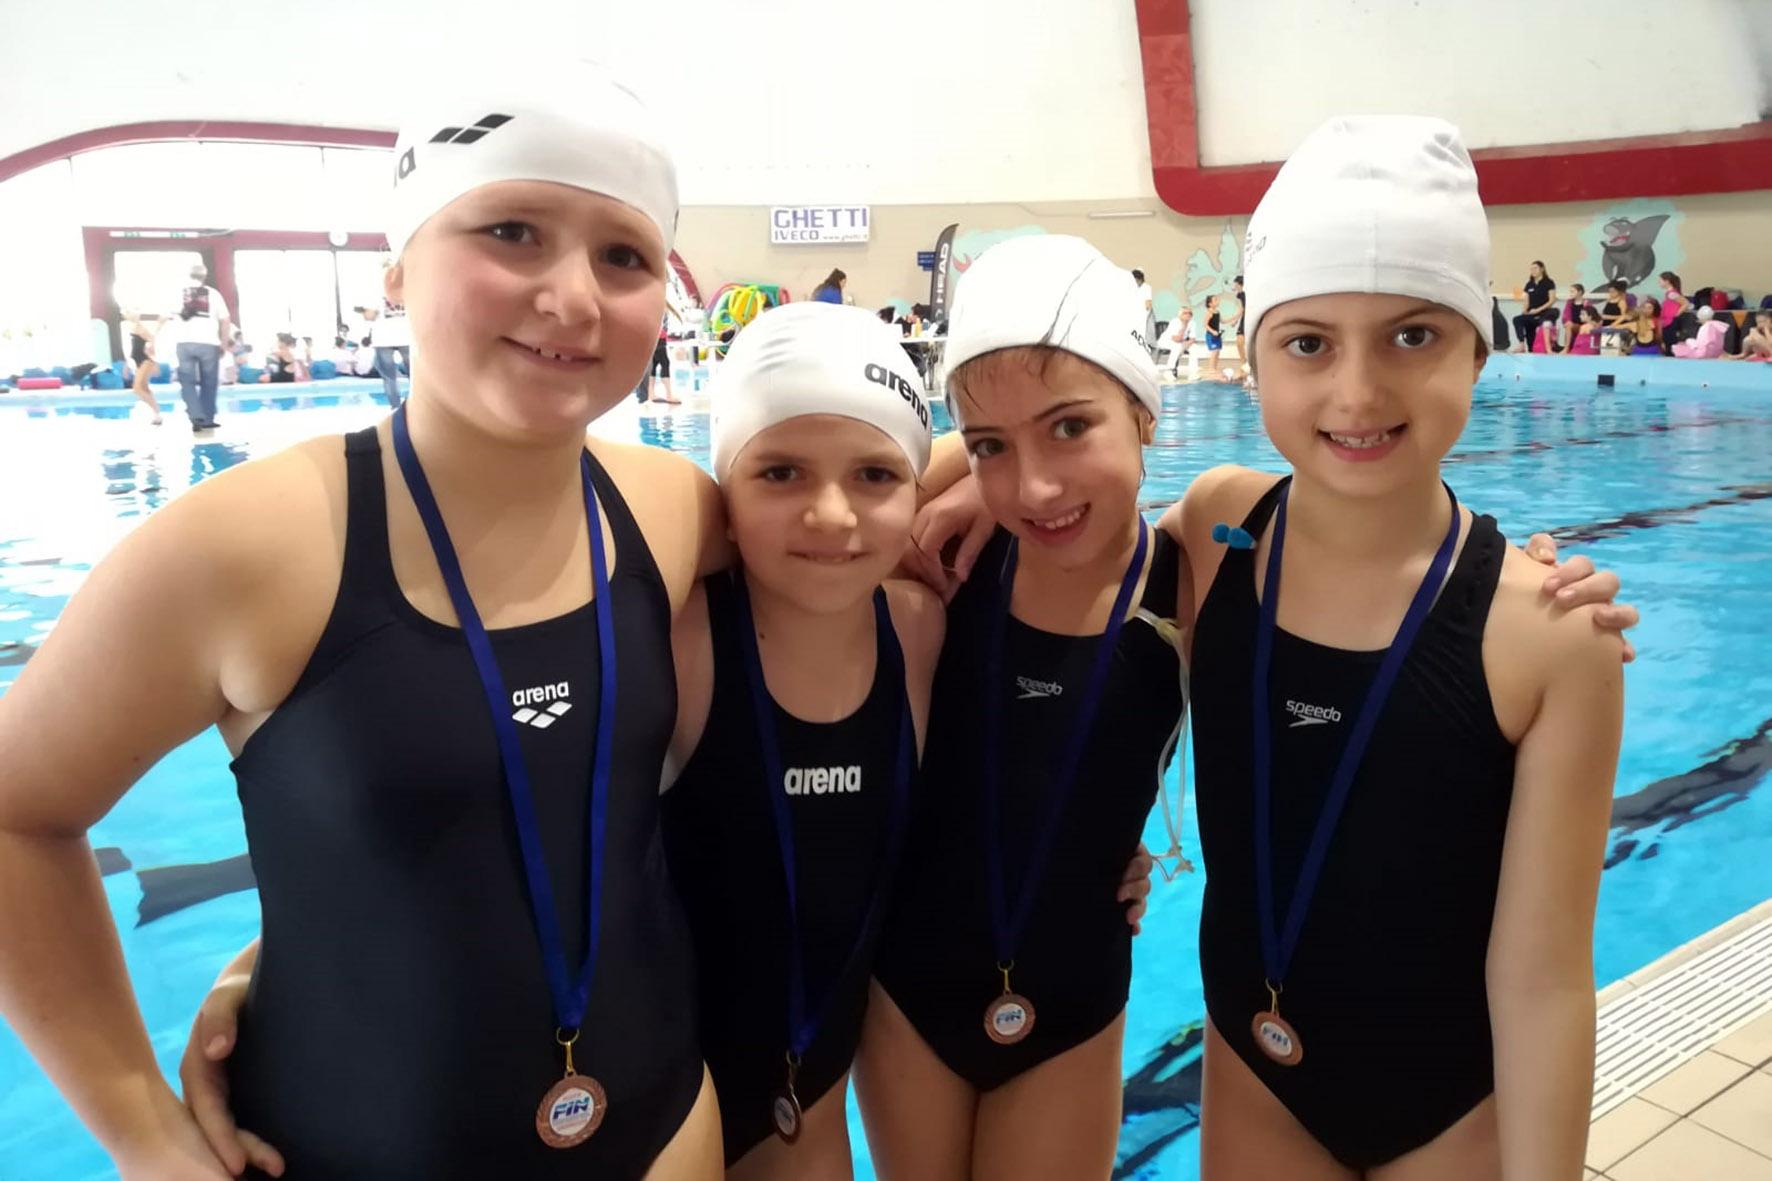 4d6c92413f03 La Chimera Nuoto vince due medaglie nel nuoto sincronizzato - ArezzoWeb